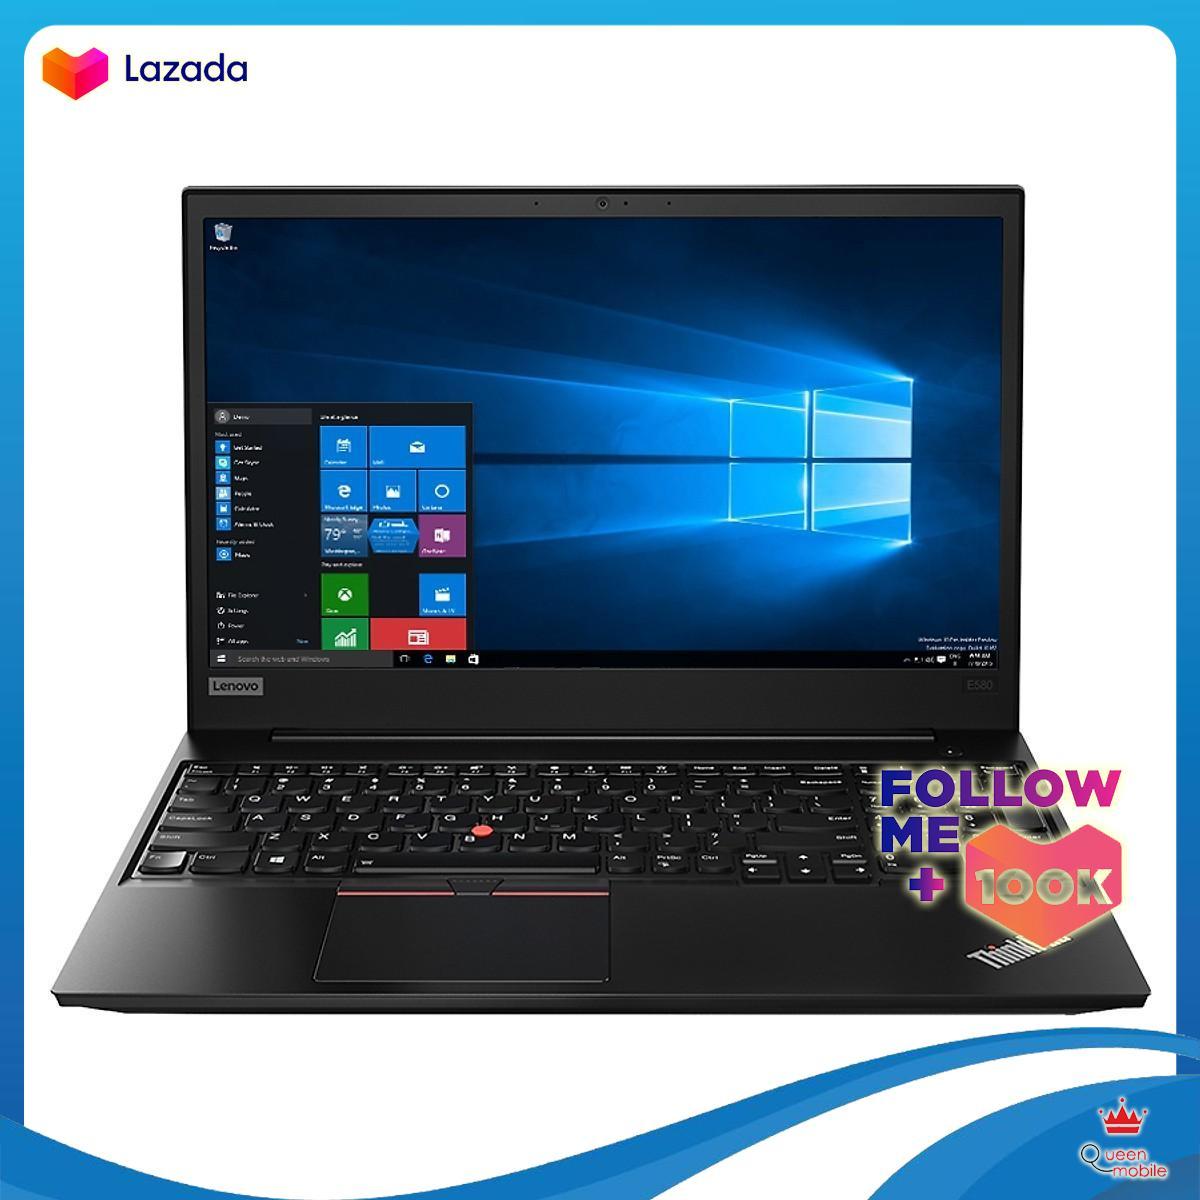 Laptop Lenovo ThinkPad Edge E580 20KS005PVN Core i5-8250U/Win10 (15.6 inch) (Black)